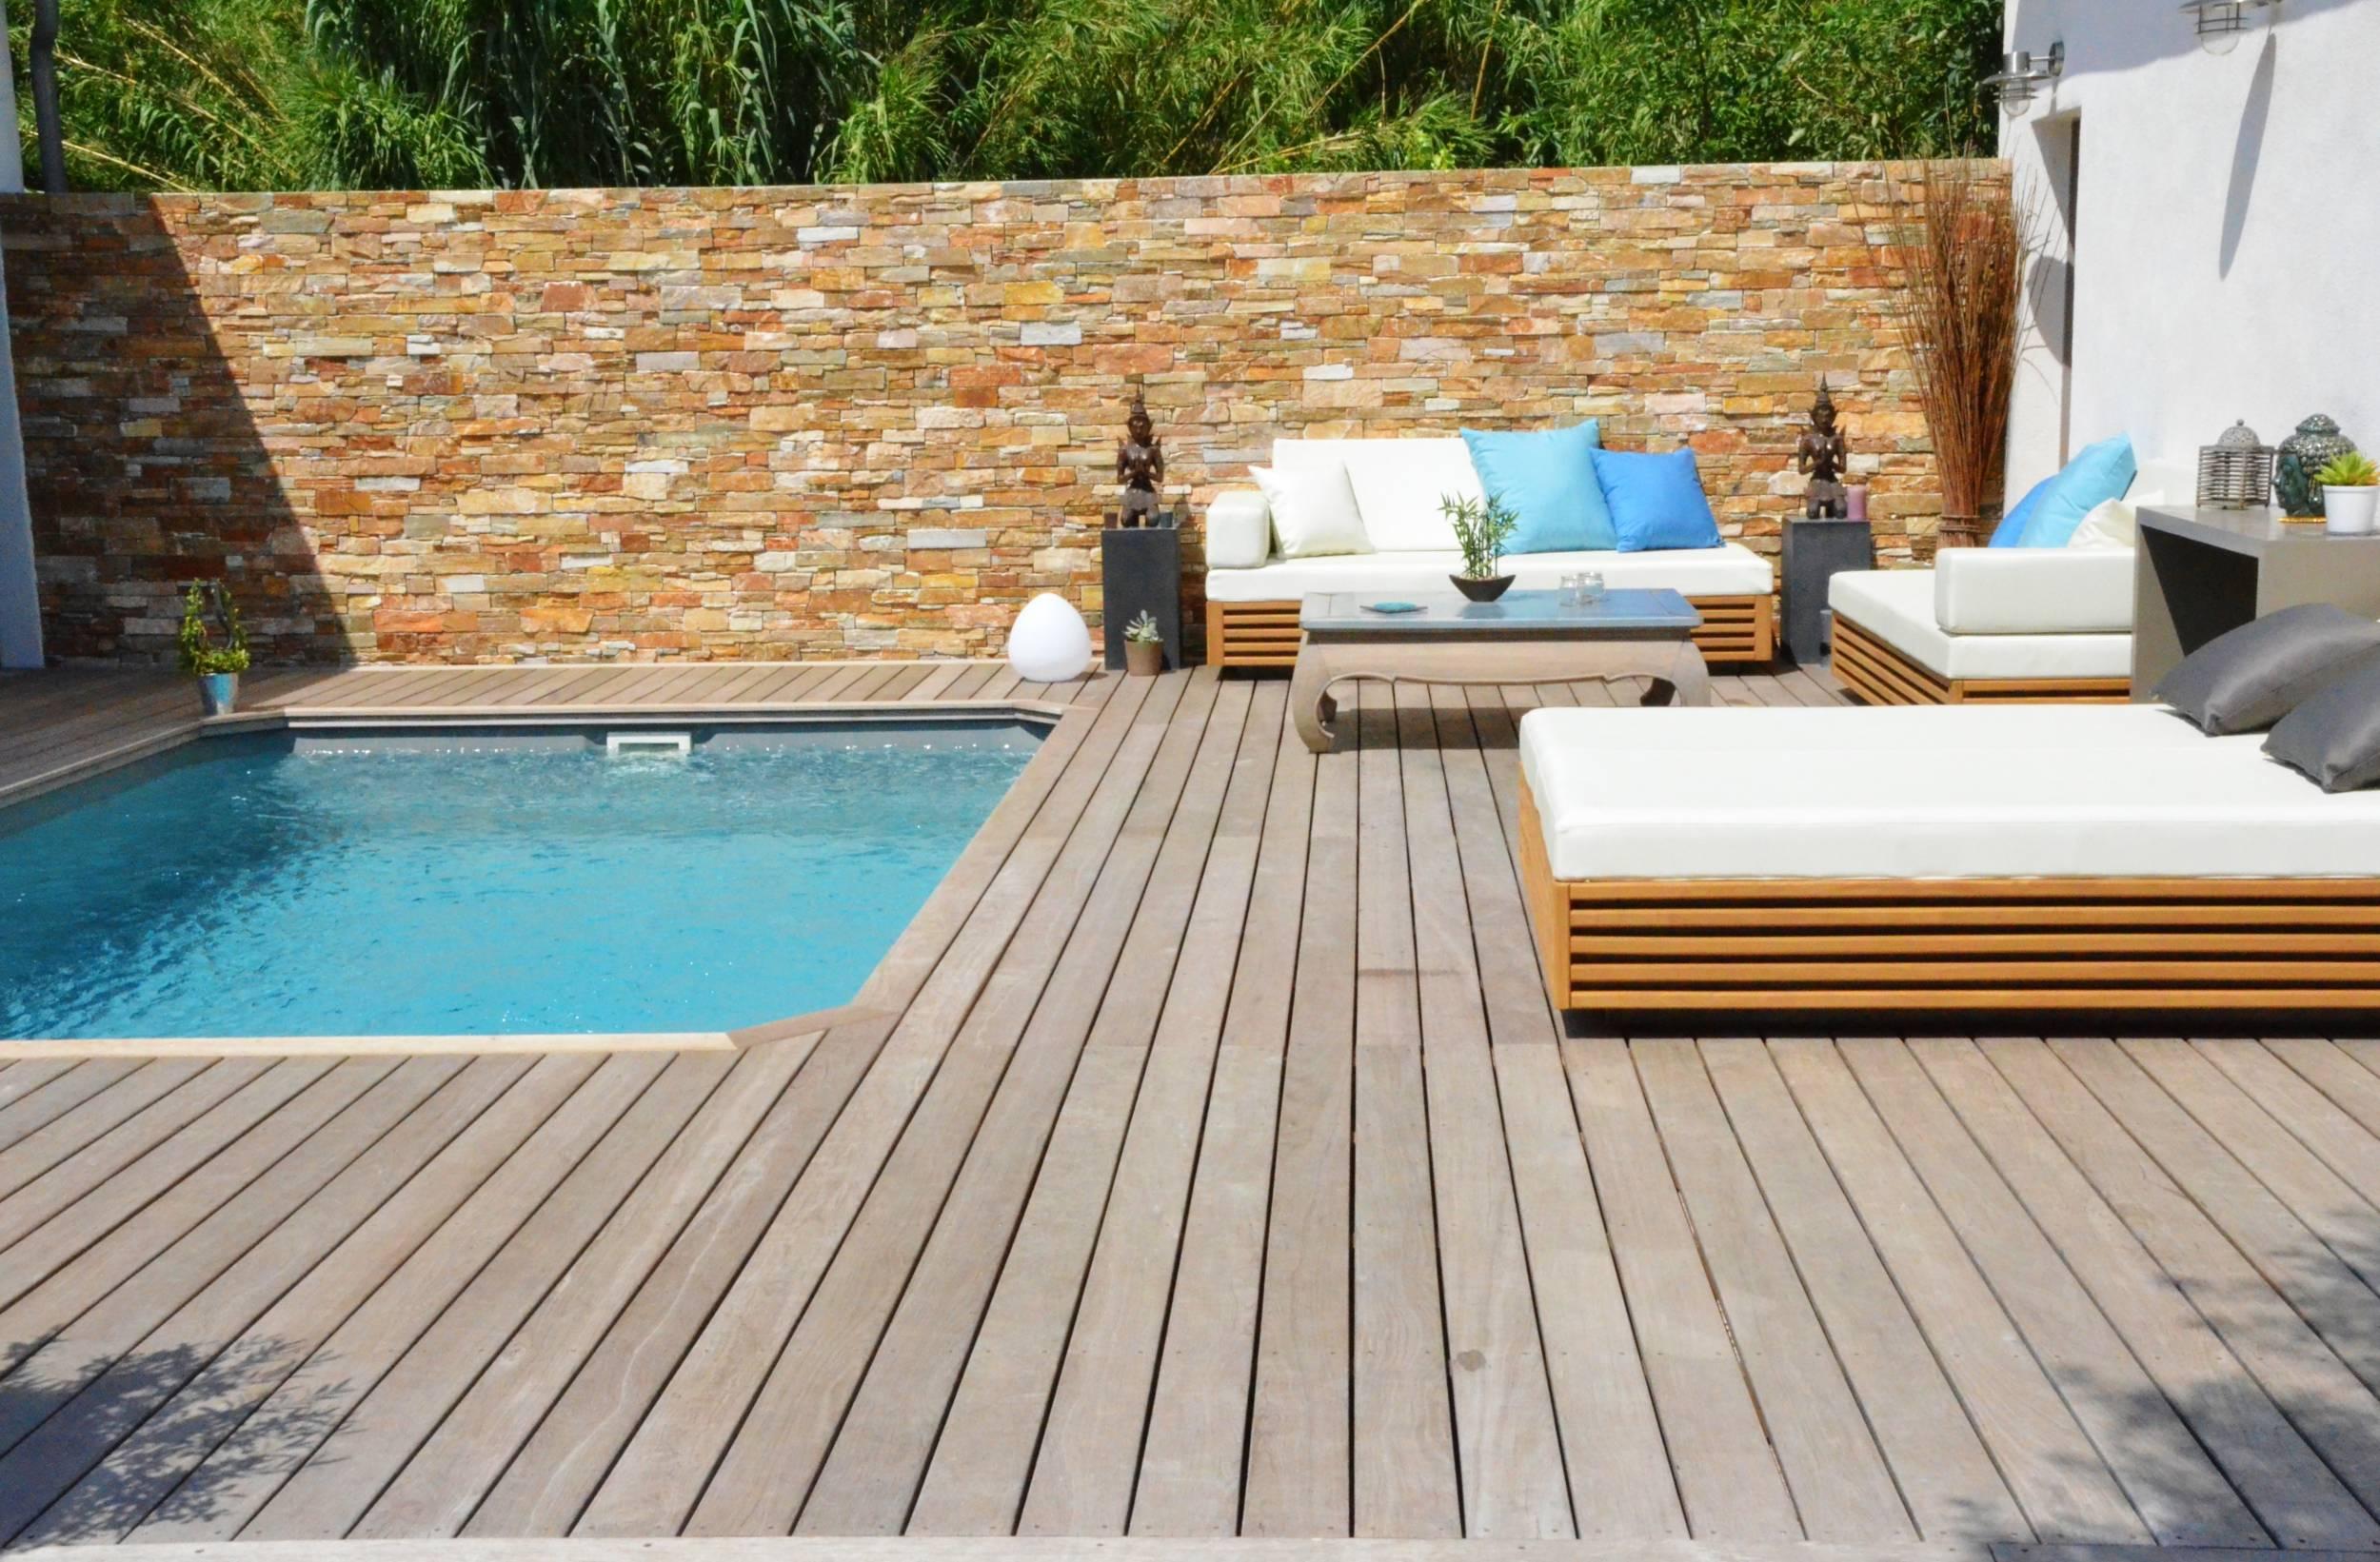 Plage de piscine en bois a saint victoret am nagement de - Mobilier jardin teck entretien aixen provence ...